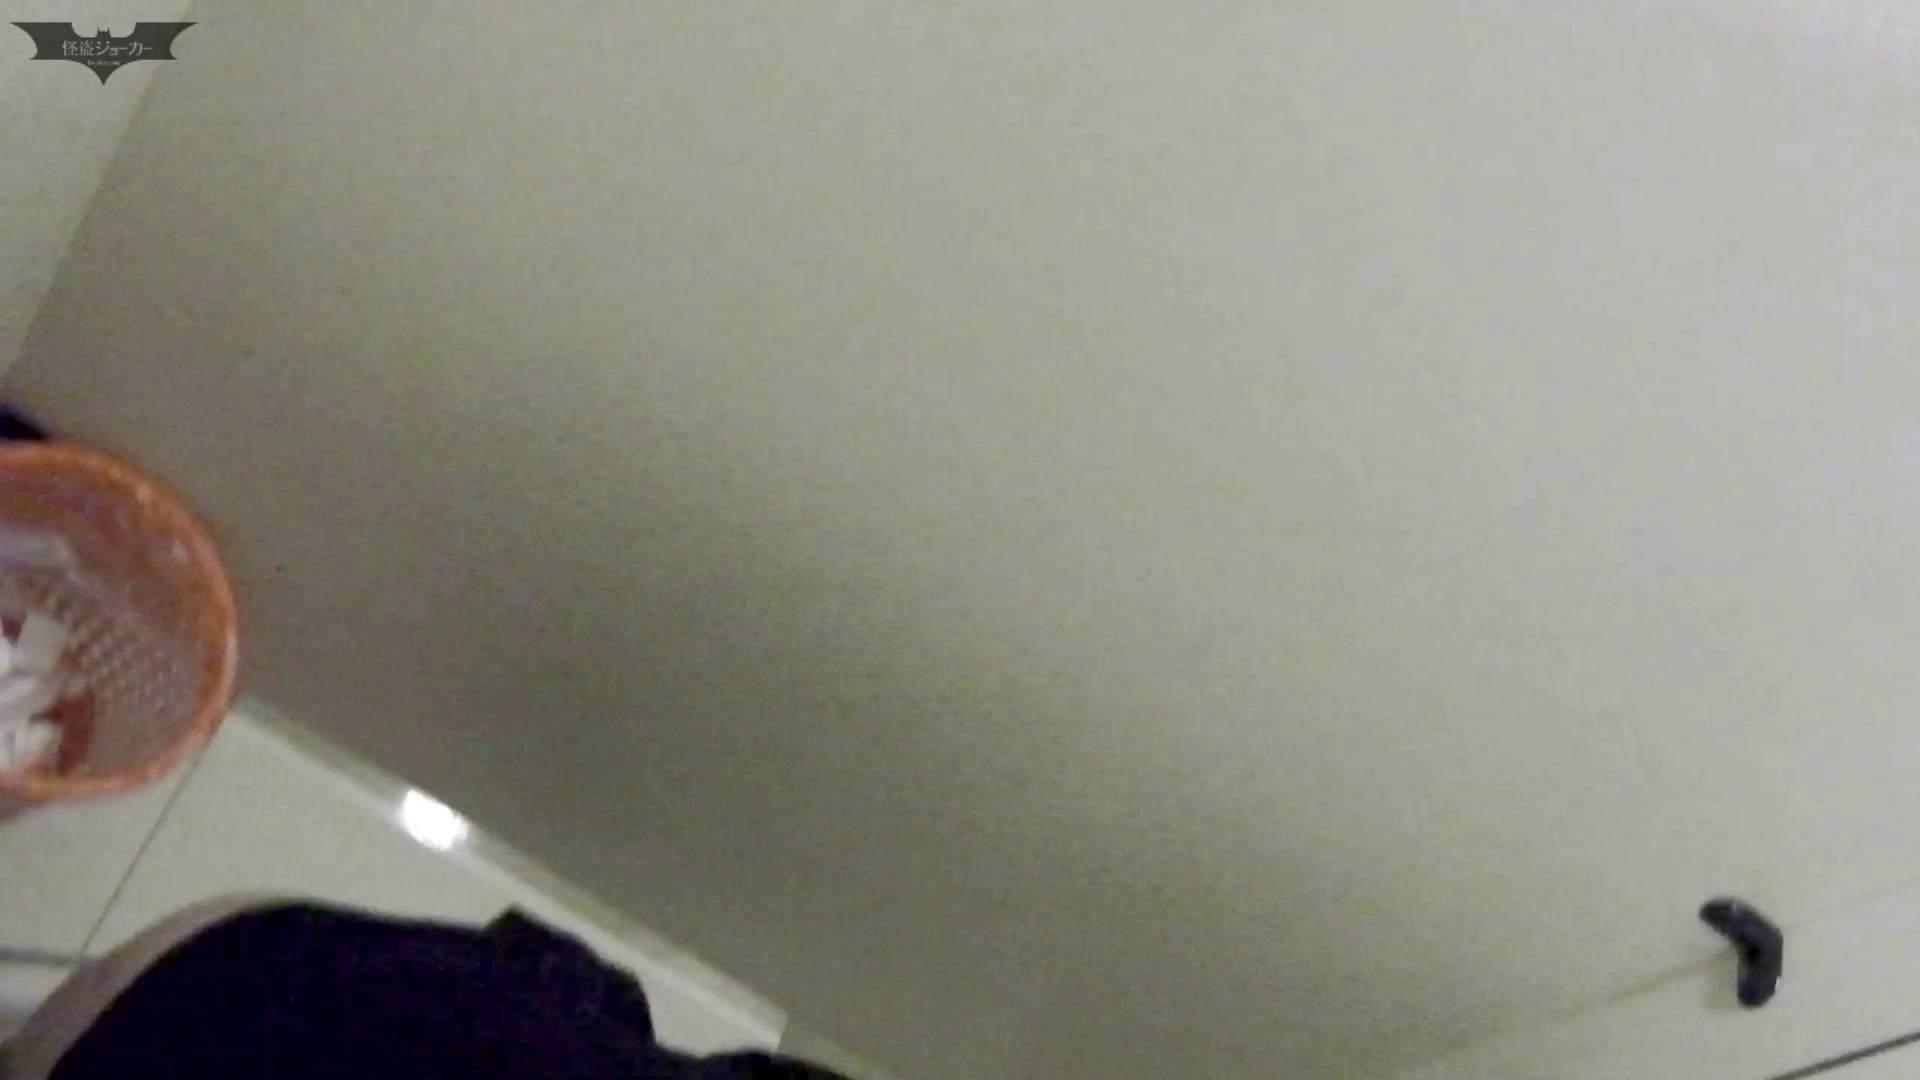 新世界の射窓 No68 洋式の腰の突き出し具合。エッロいです!! ギャル達 AV無料動画キャプチャ 99枚 7